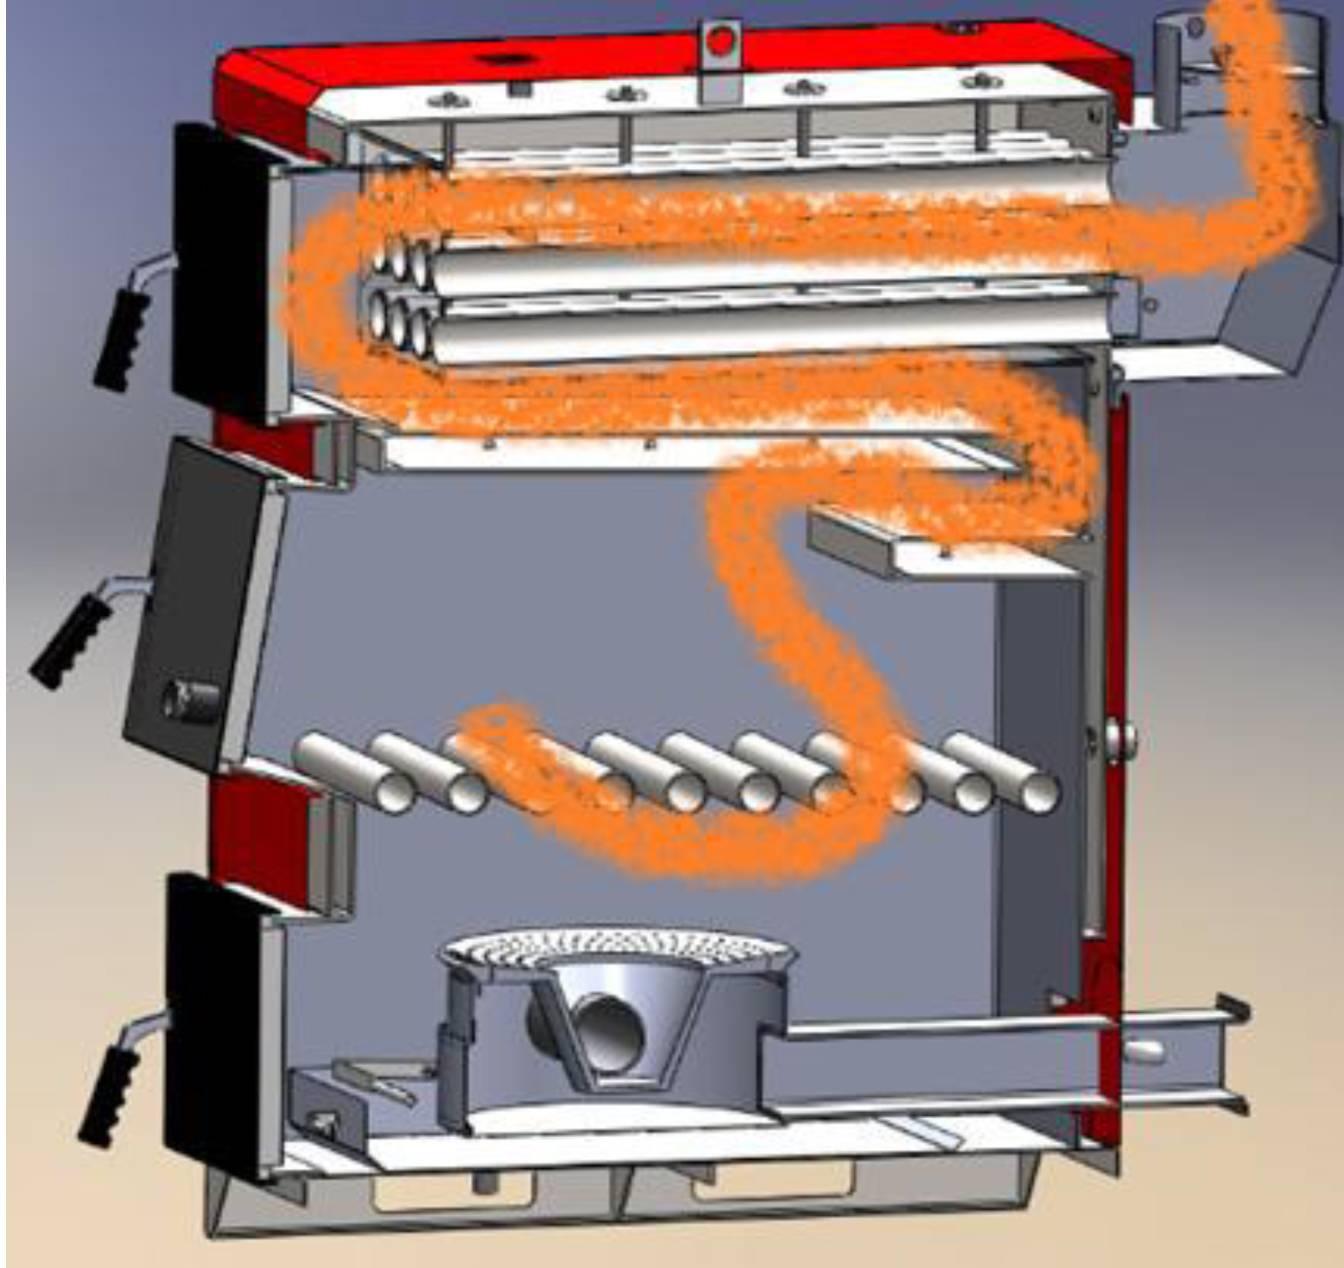 Модернизация одноконтурного котла системы кстг с целью снижения расхода газа и увеличения кпд своими руками | сделай сам www.sdelay.tv